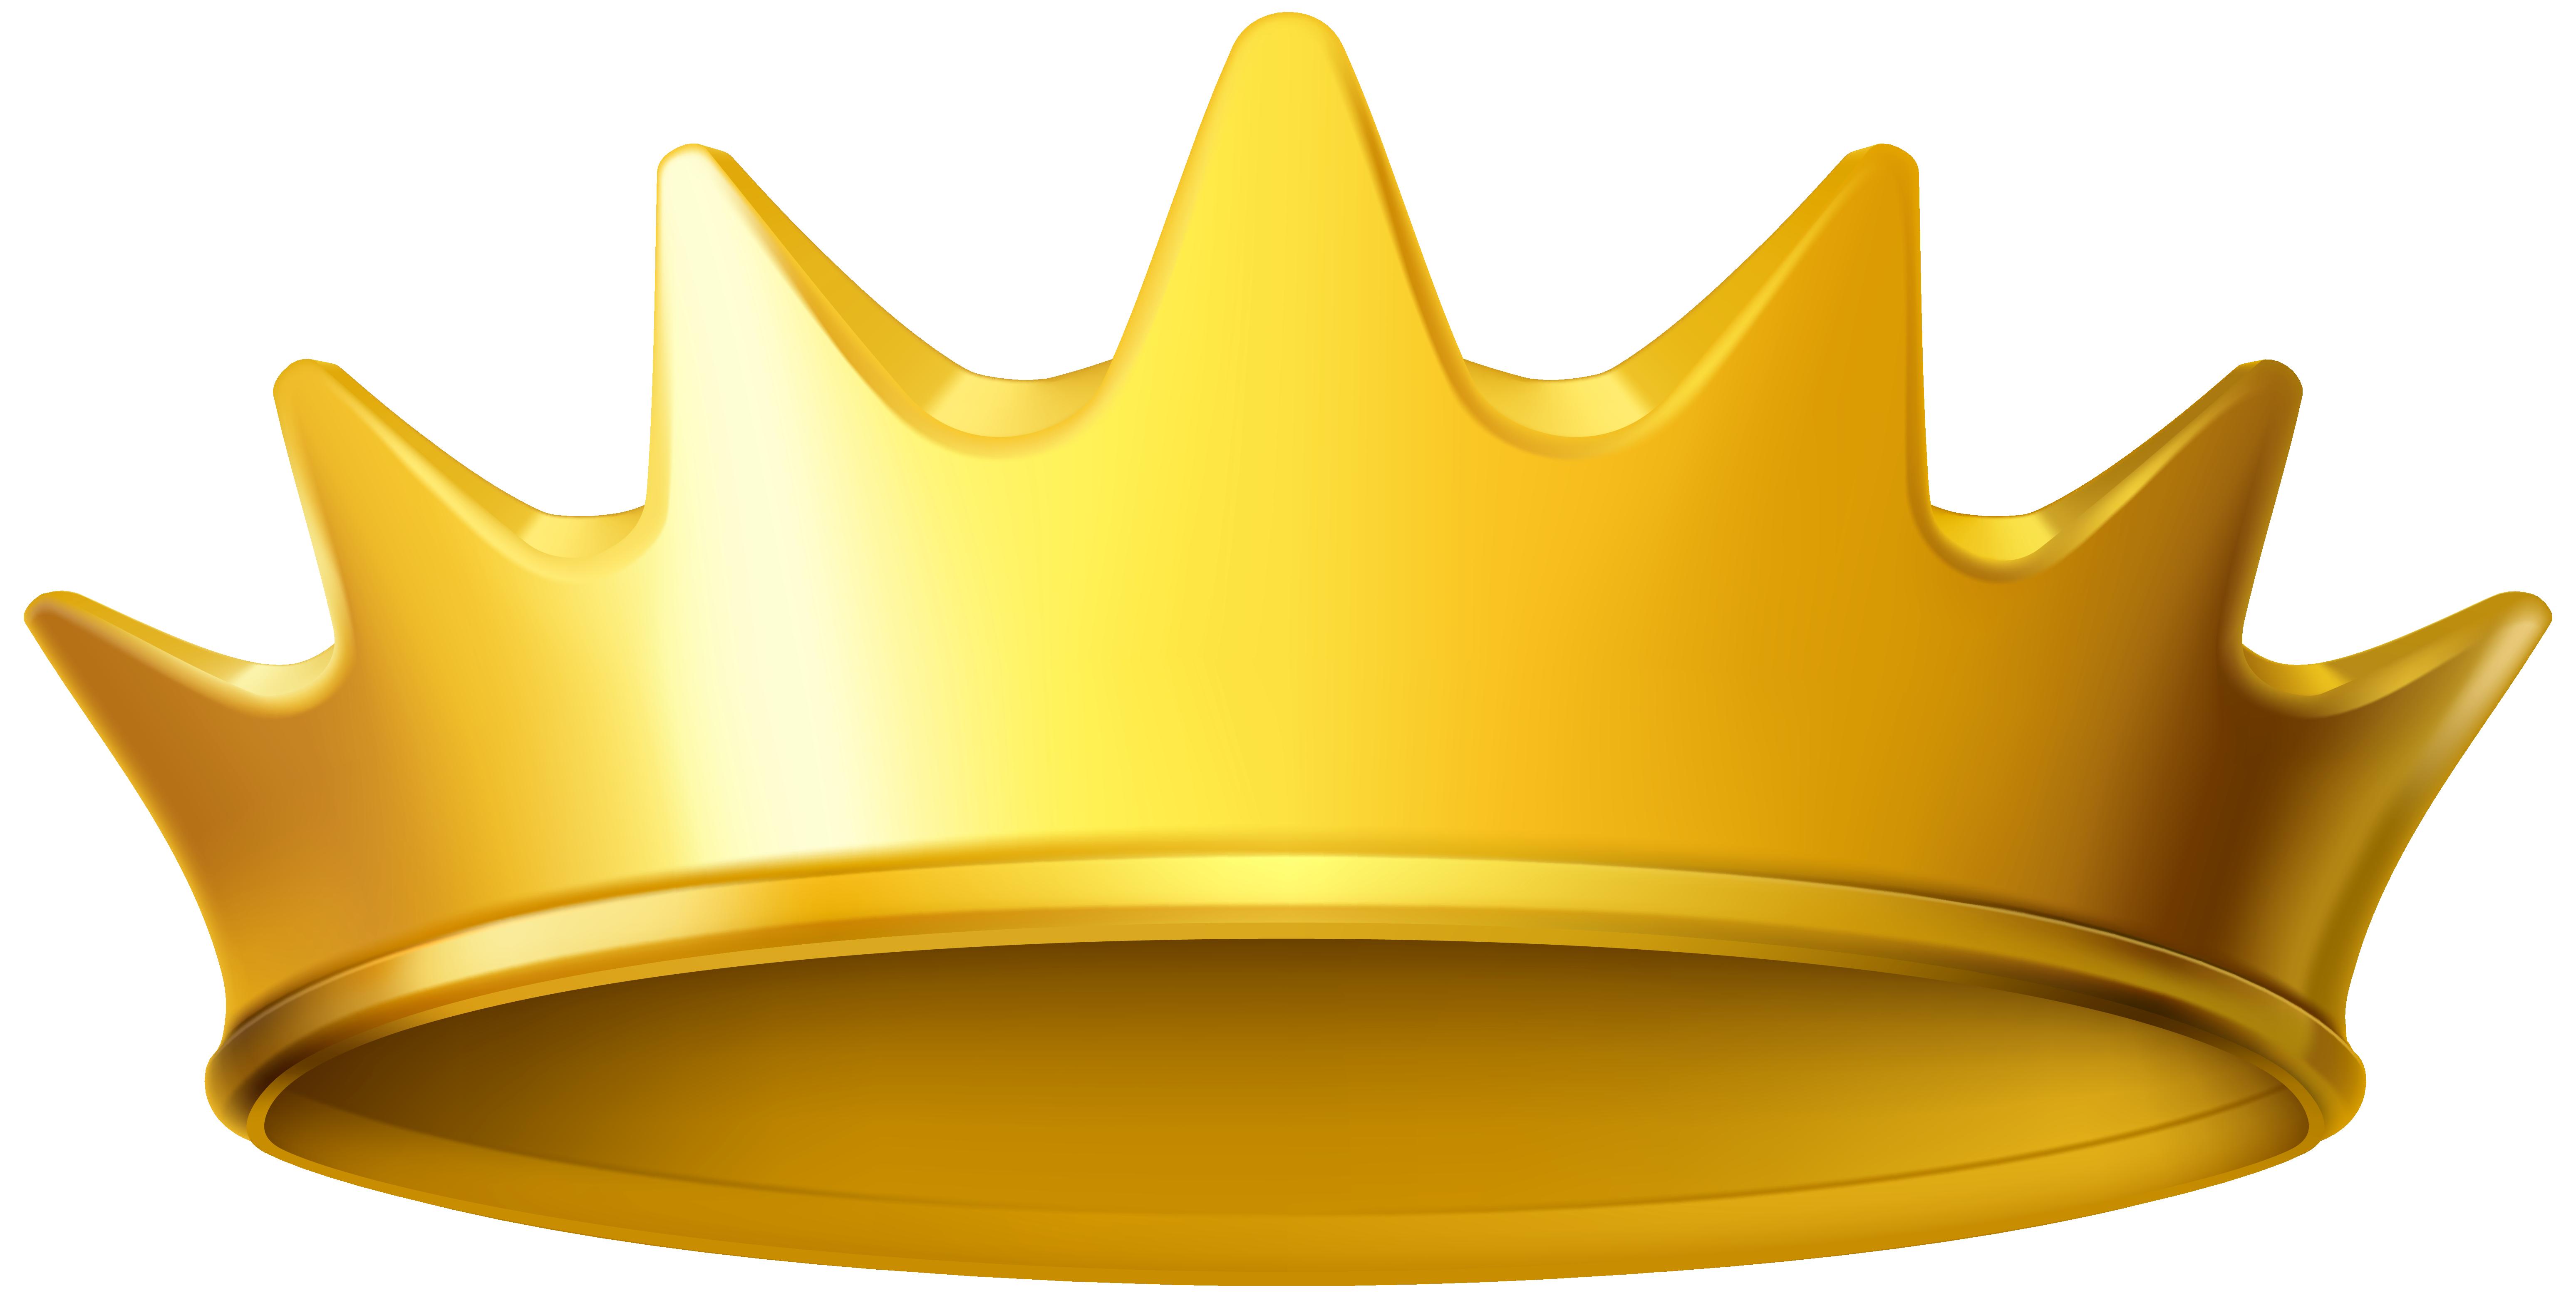 Golden clipart Clipart ClipartAndScrap crown crown images